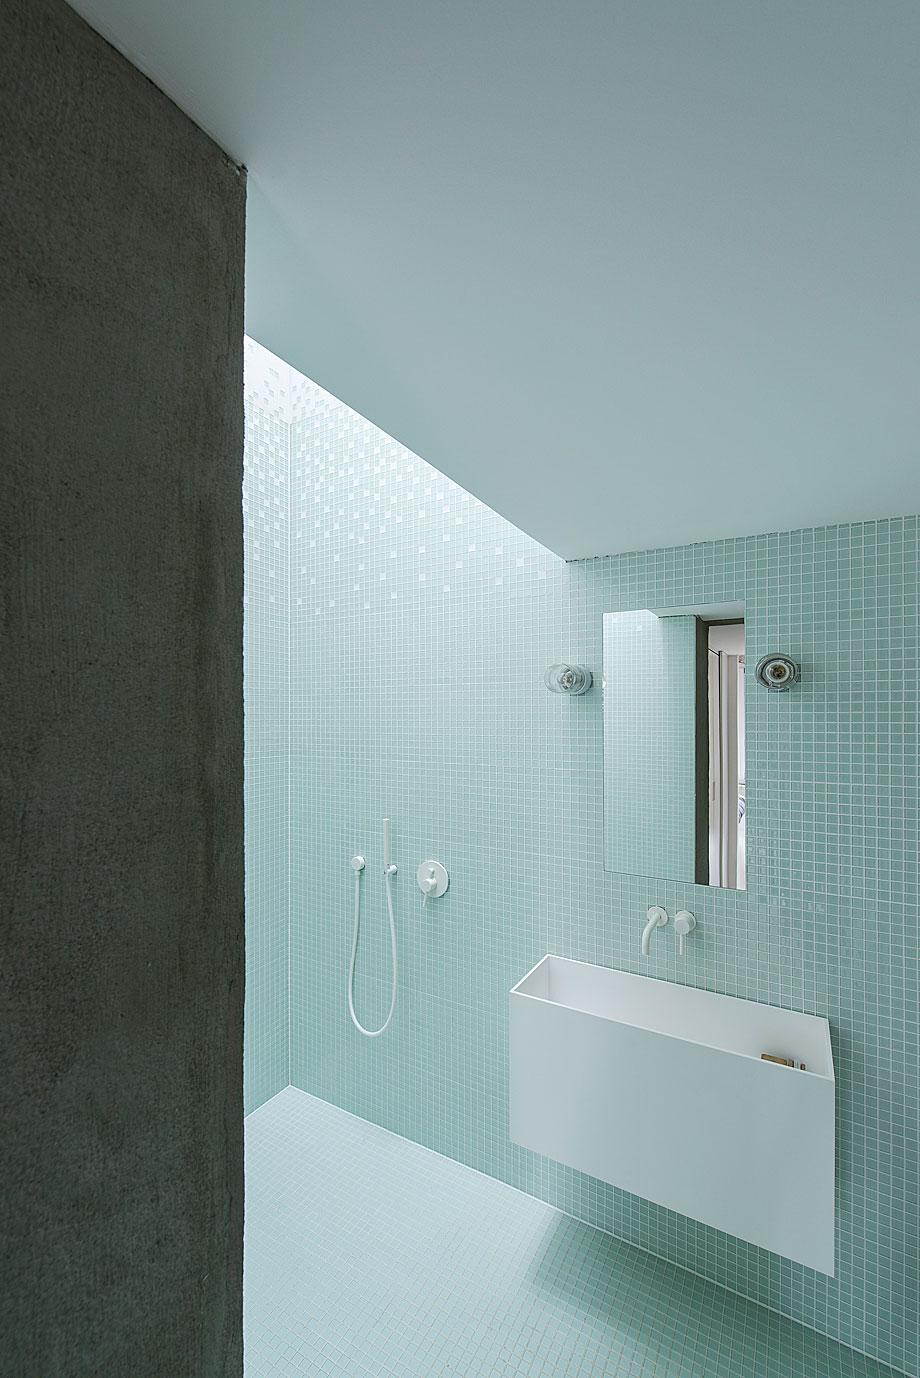 casa-mmb-asdfg-architekten-fotos-michal-pfisterer-8